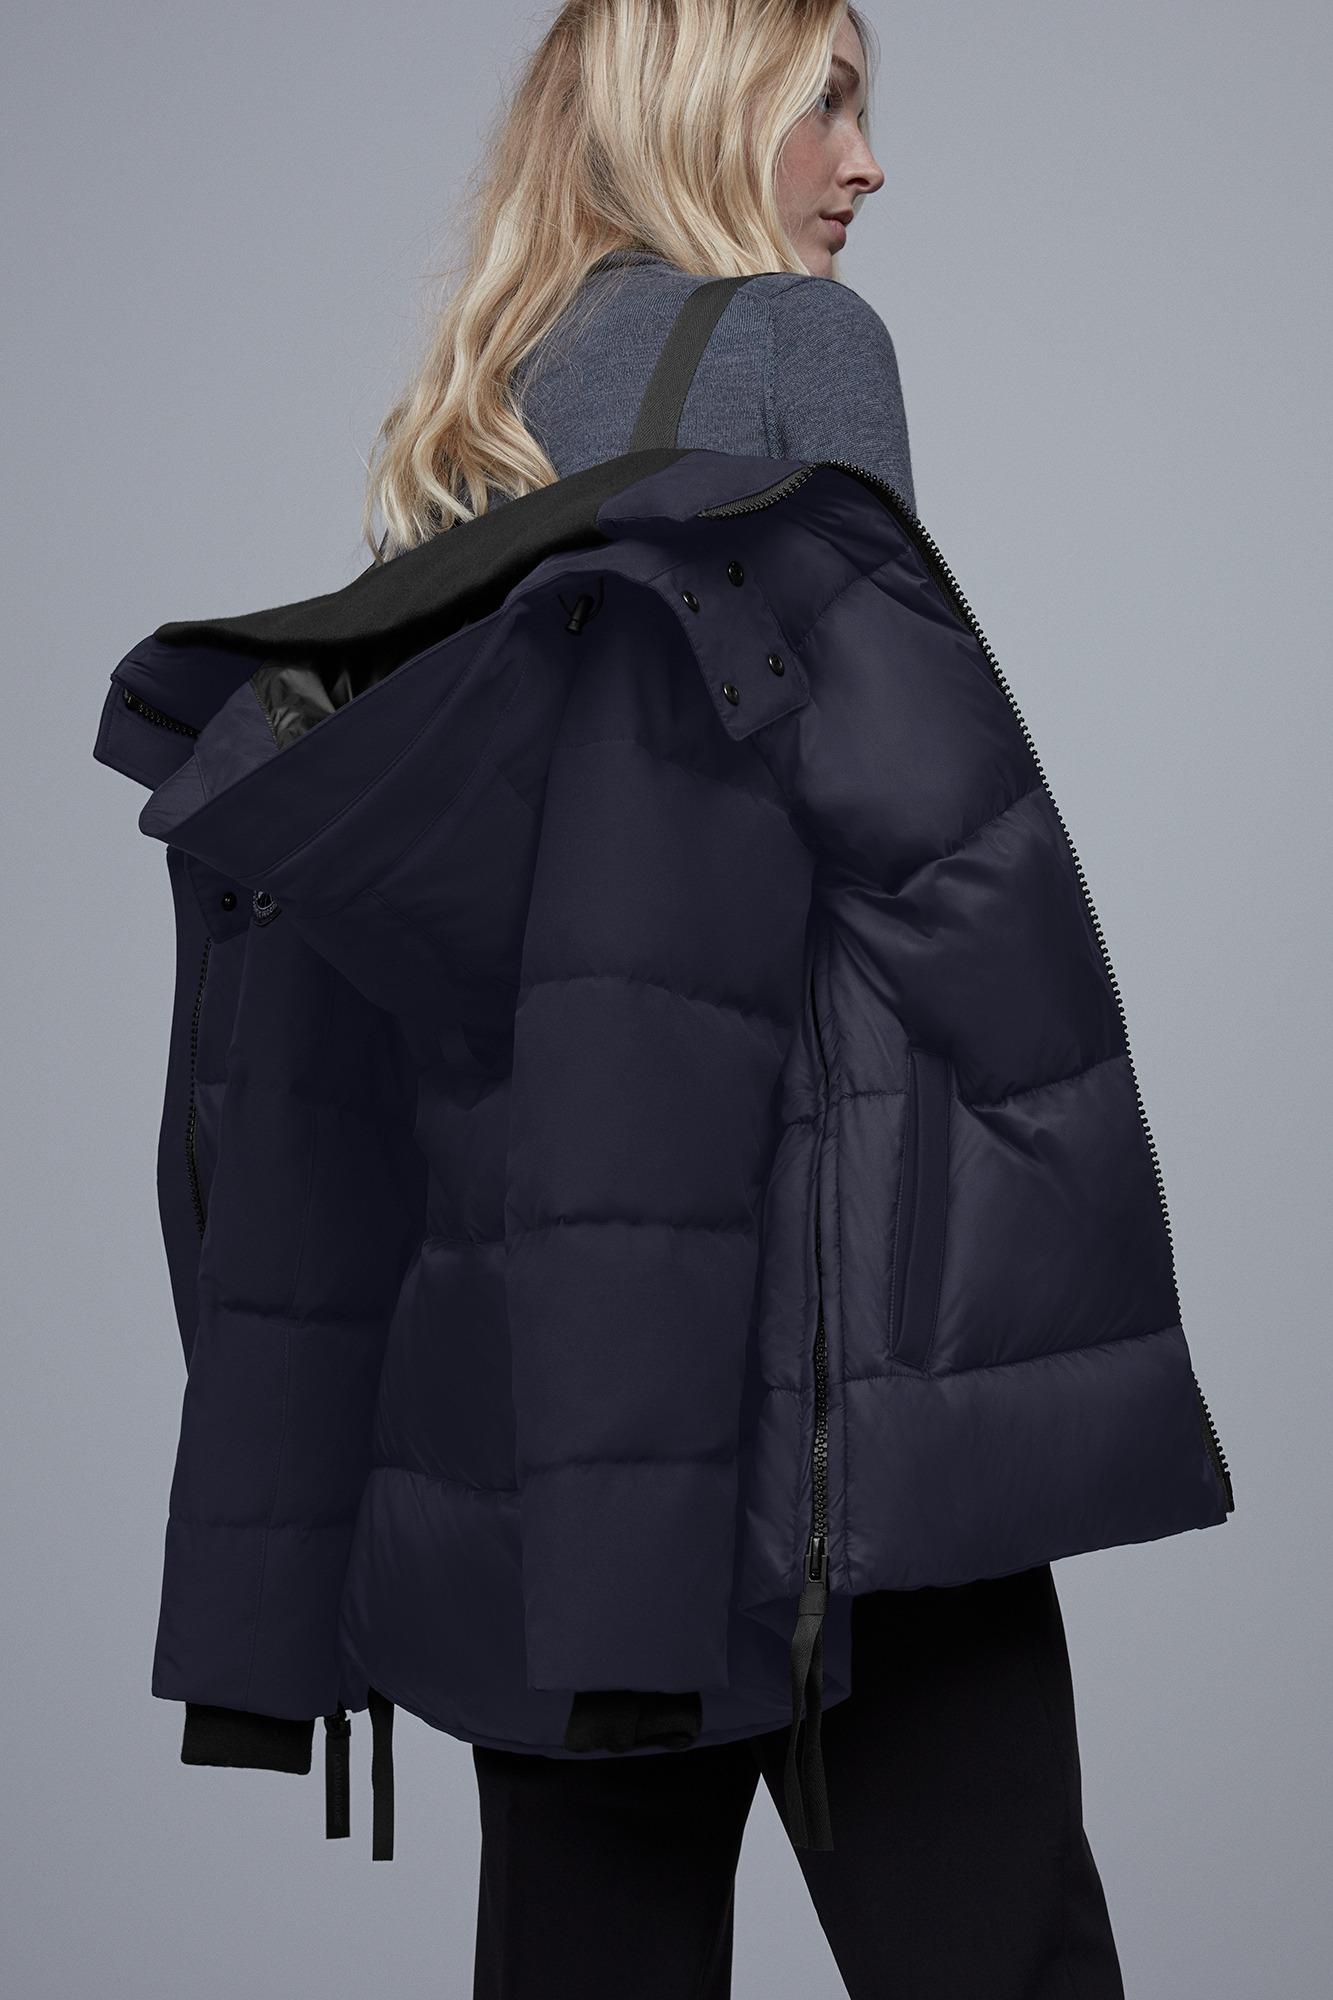 52956989dfecc Parka Whitehorse Black Label pour femmes   Canada Goose ...